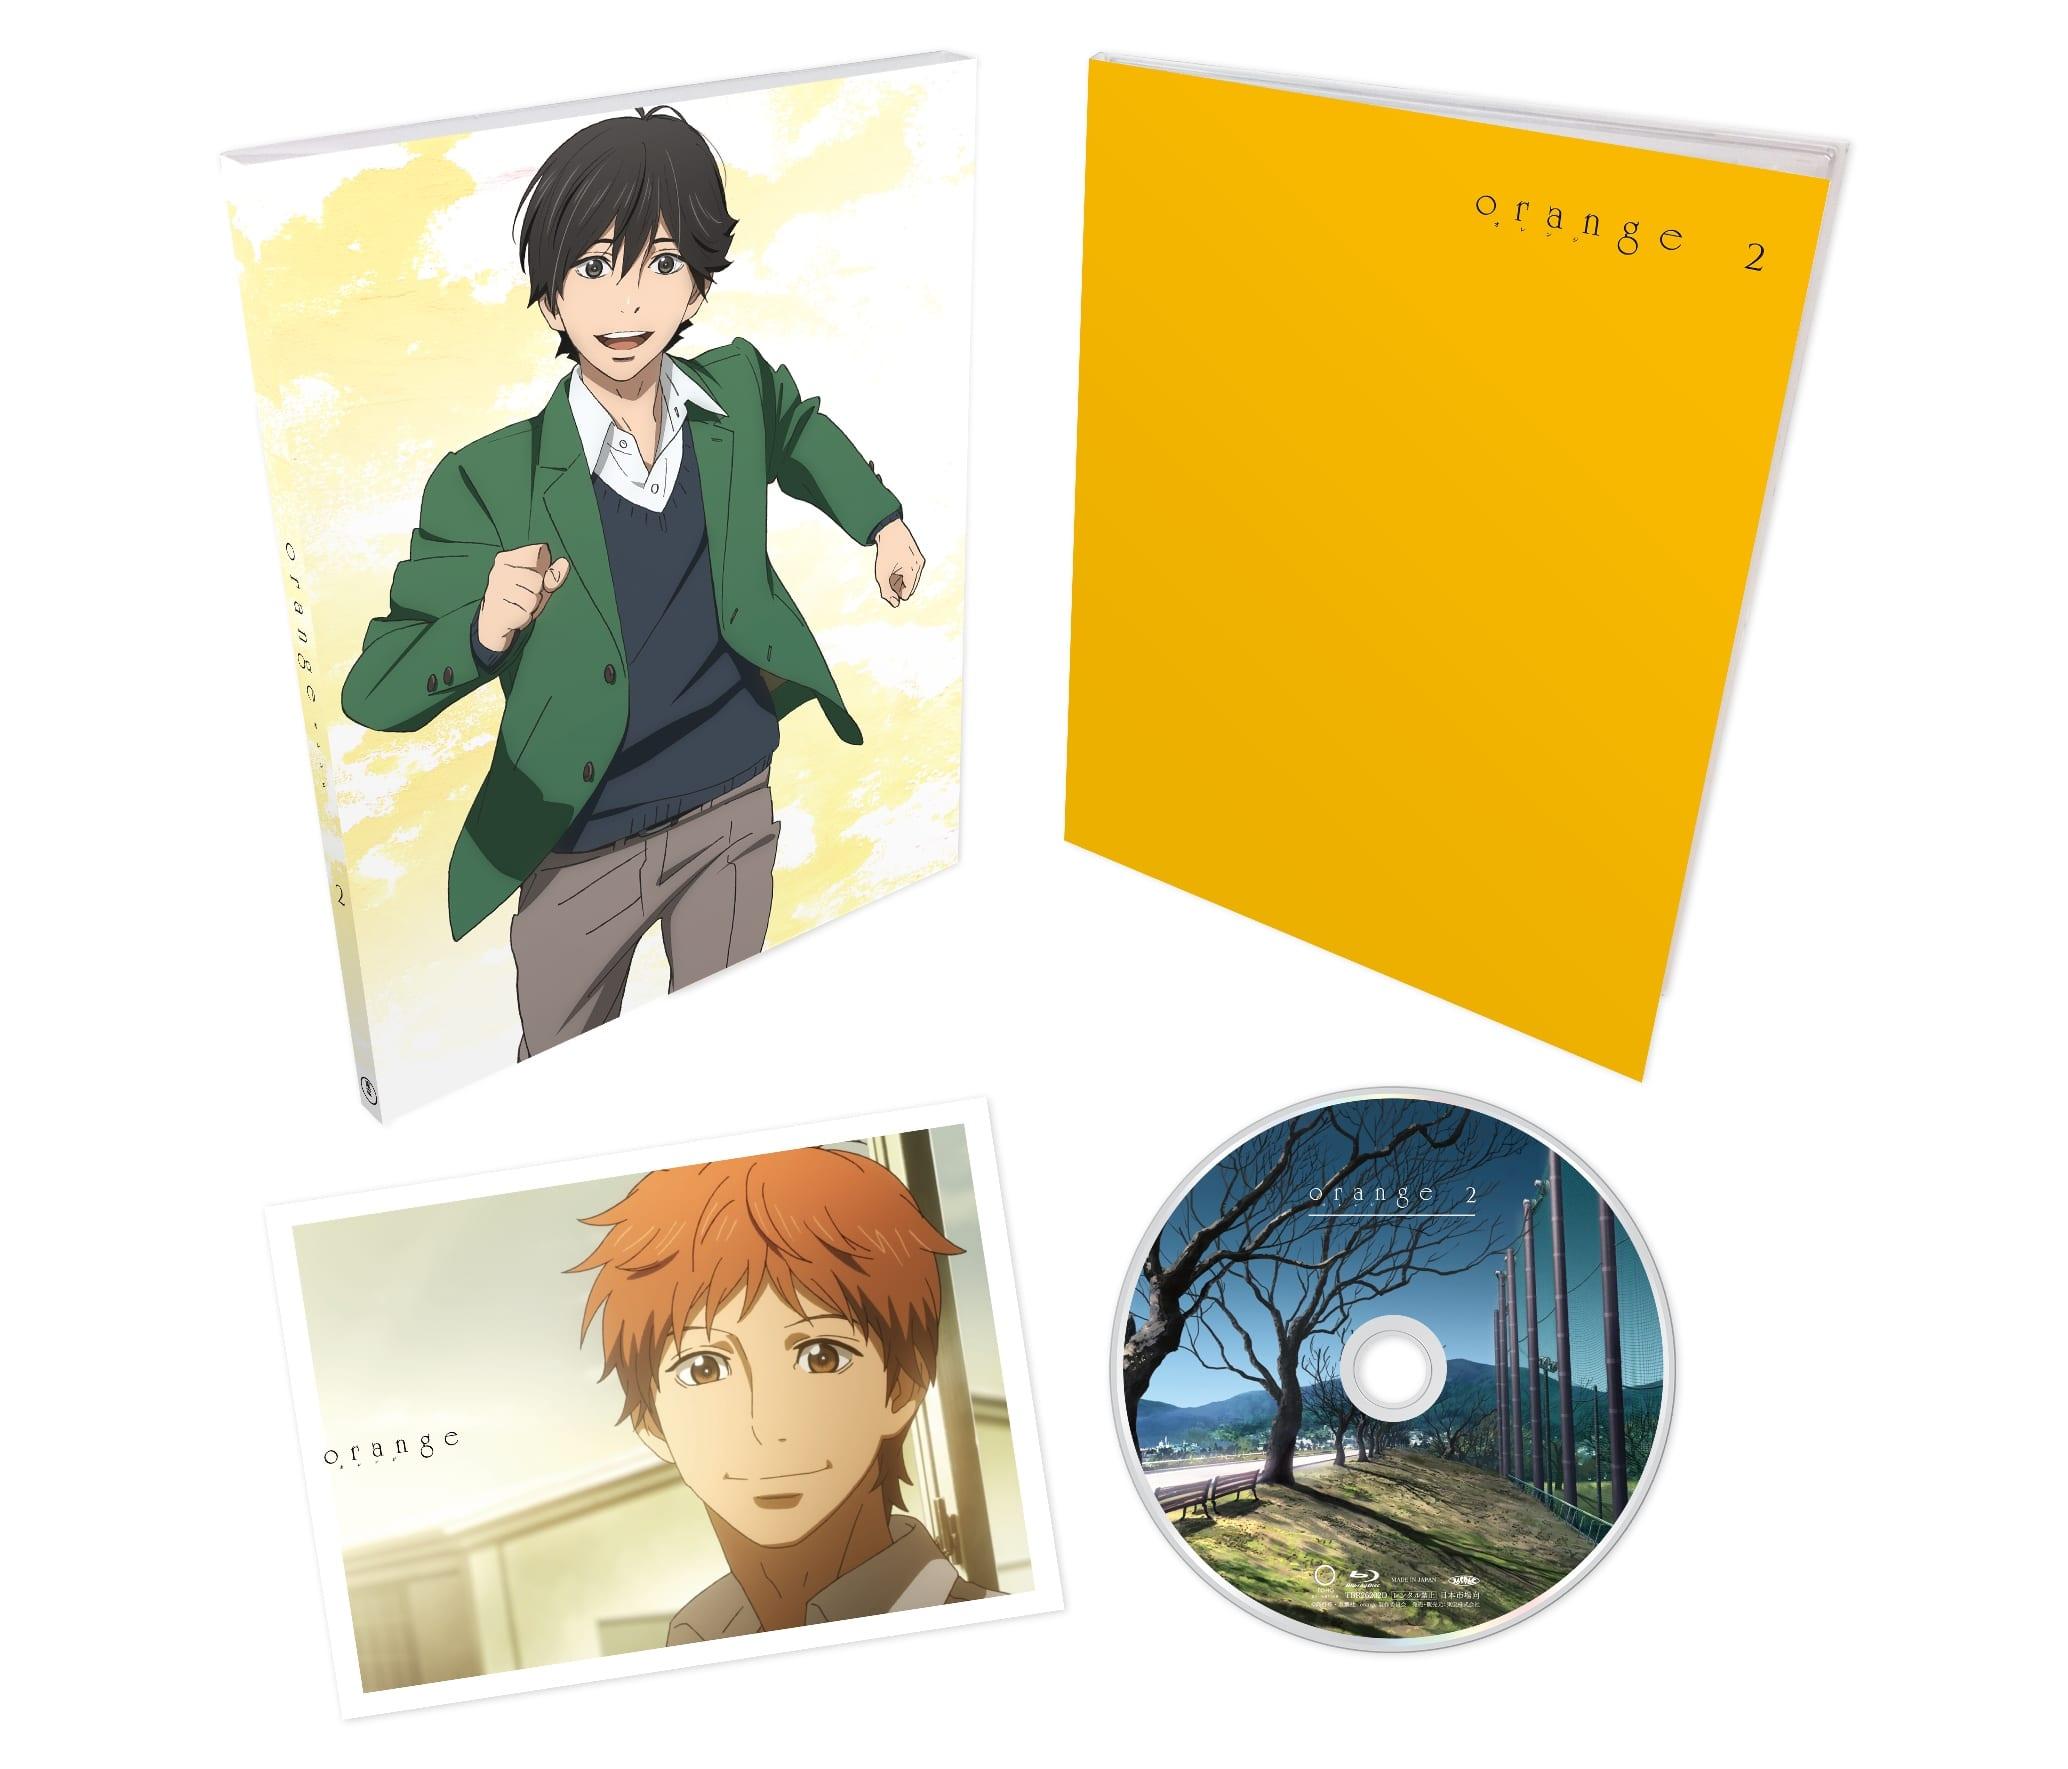 TVアニメ「orange」Vol.2 Blu-ray 初回生産限定版